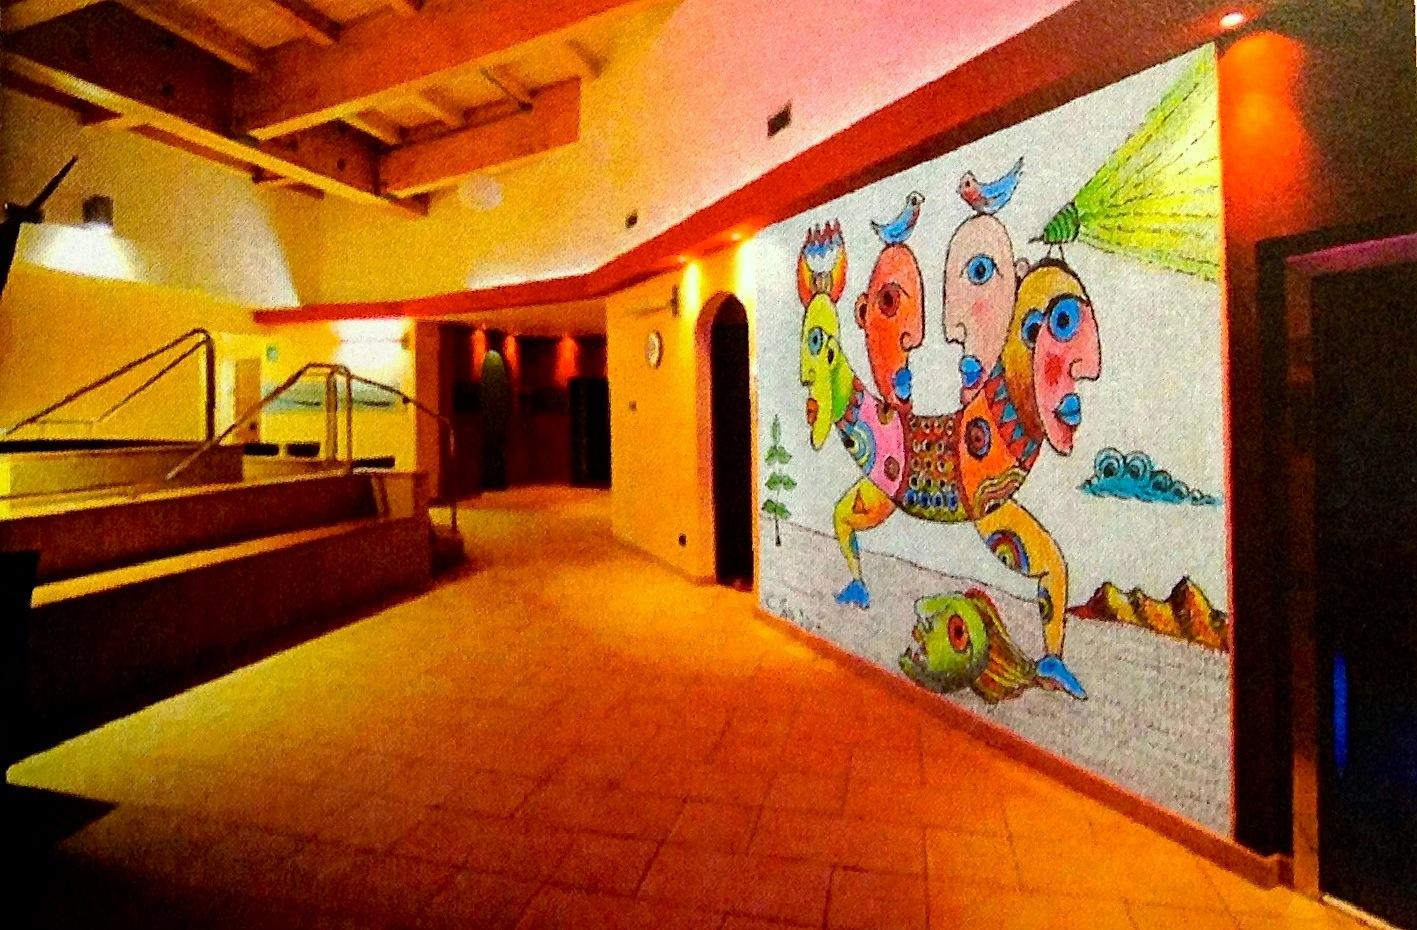 Guido artom il piacere dell 39 onest - Dipinti murali per interni ...